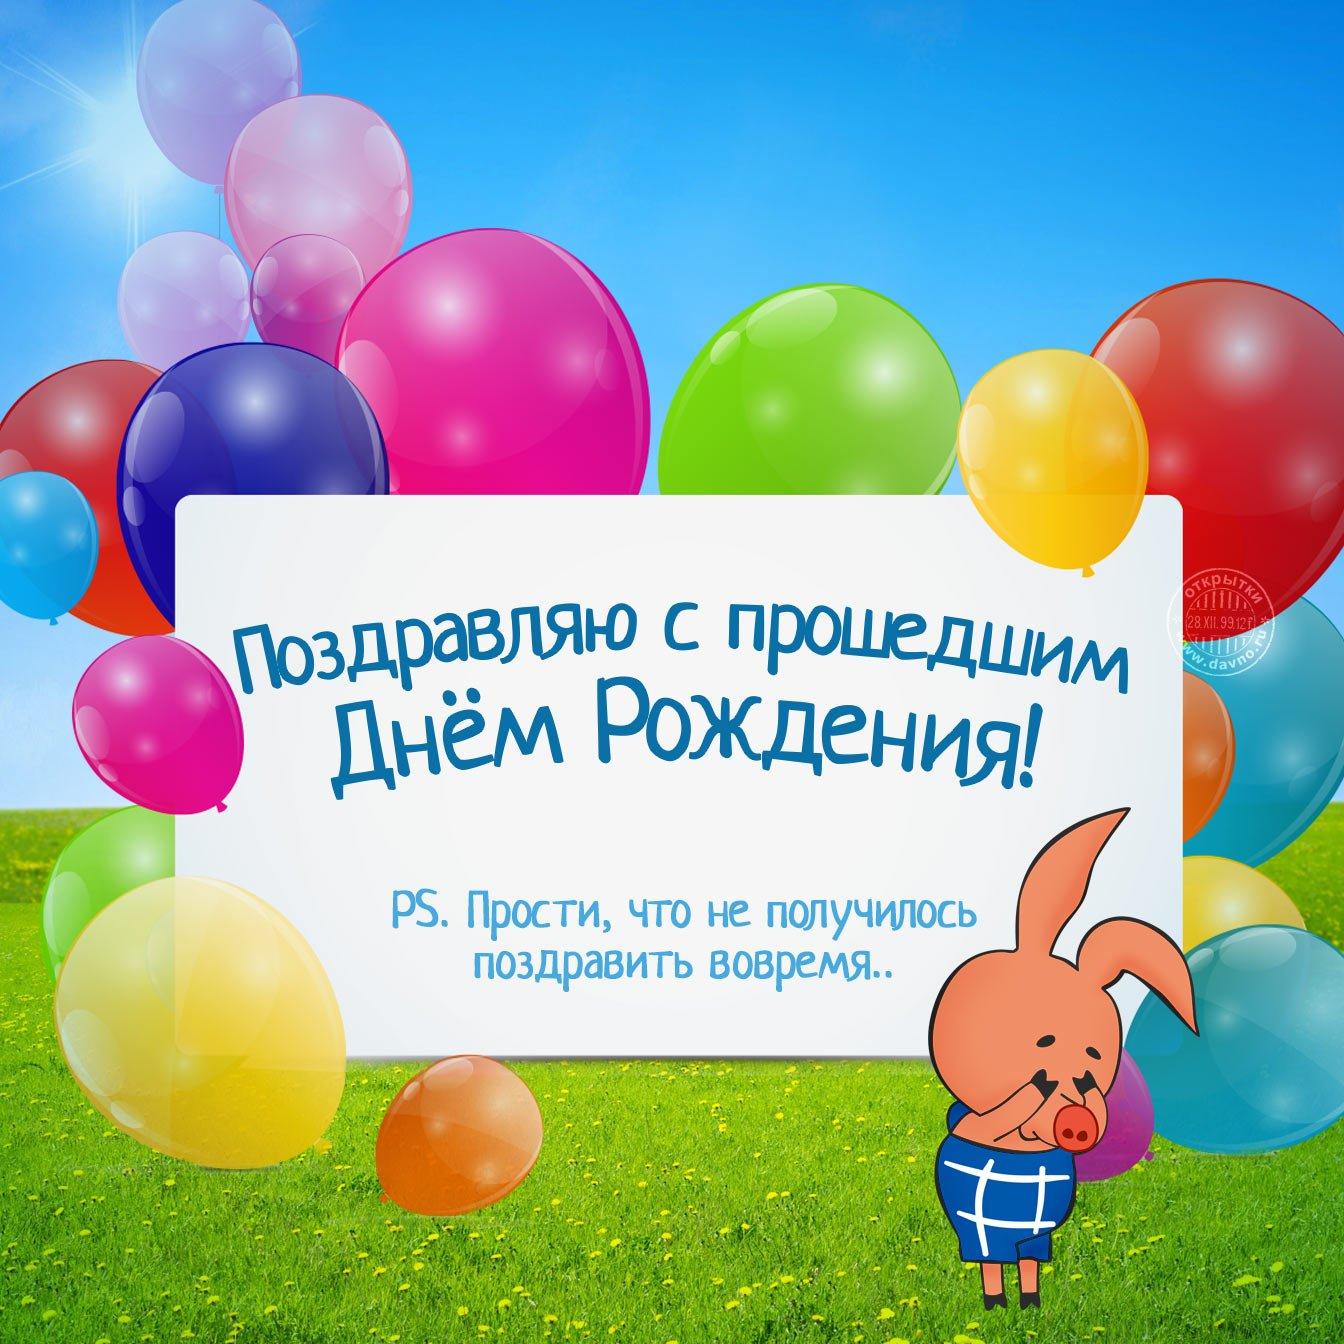 Поздравление с днем рождения наоборот